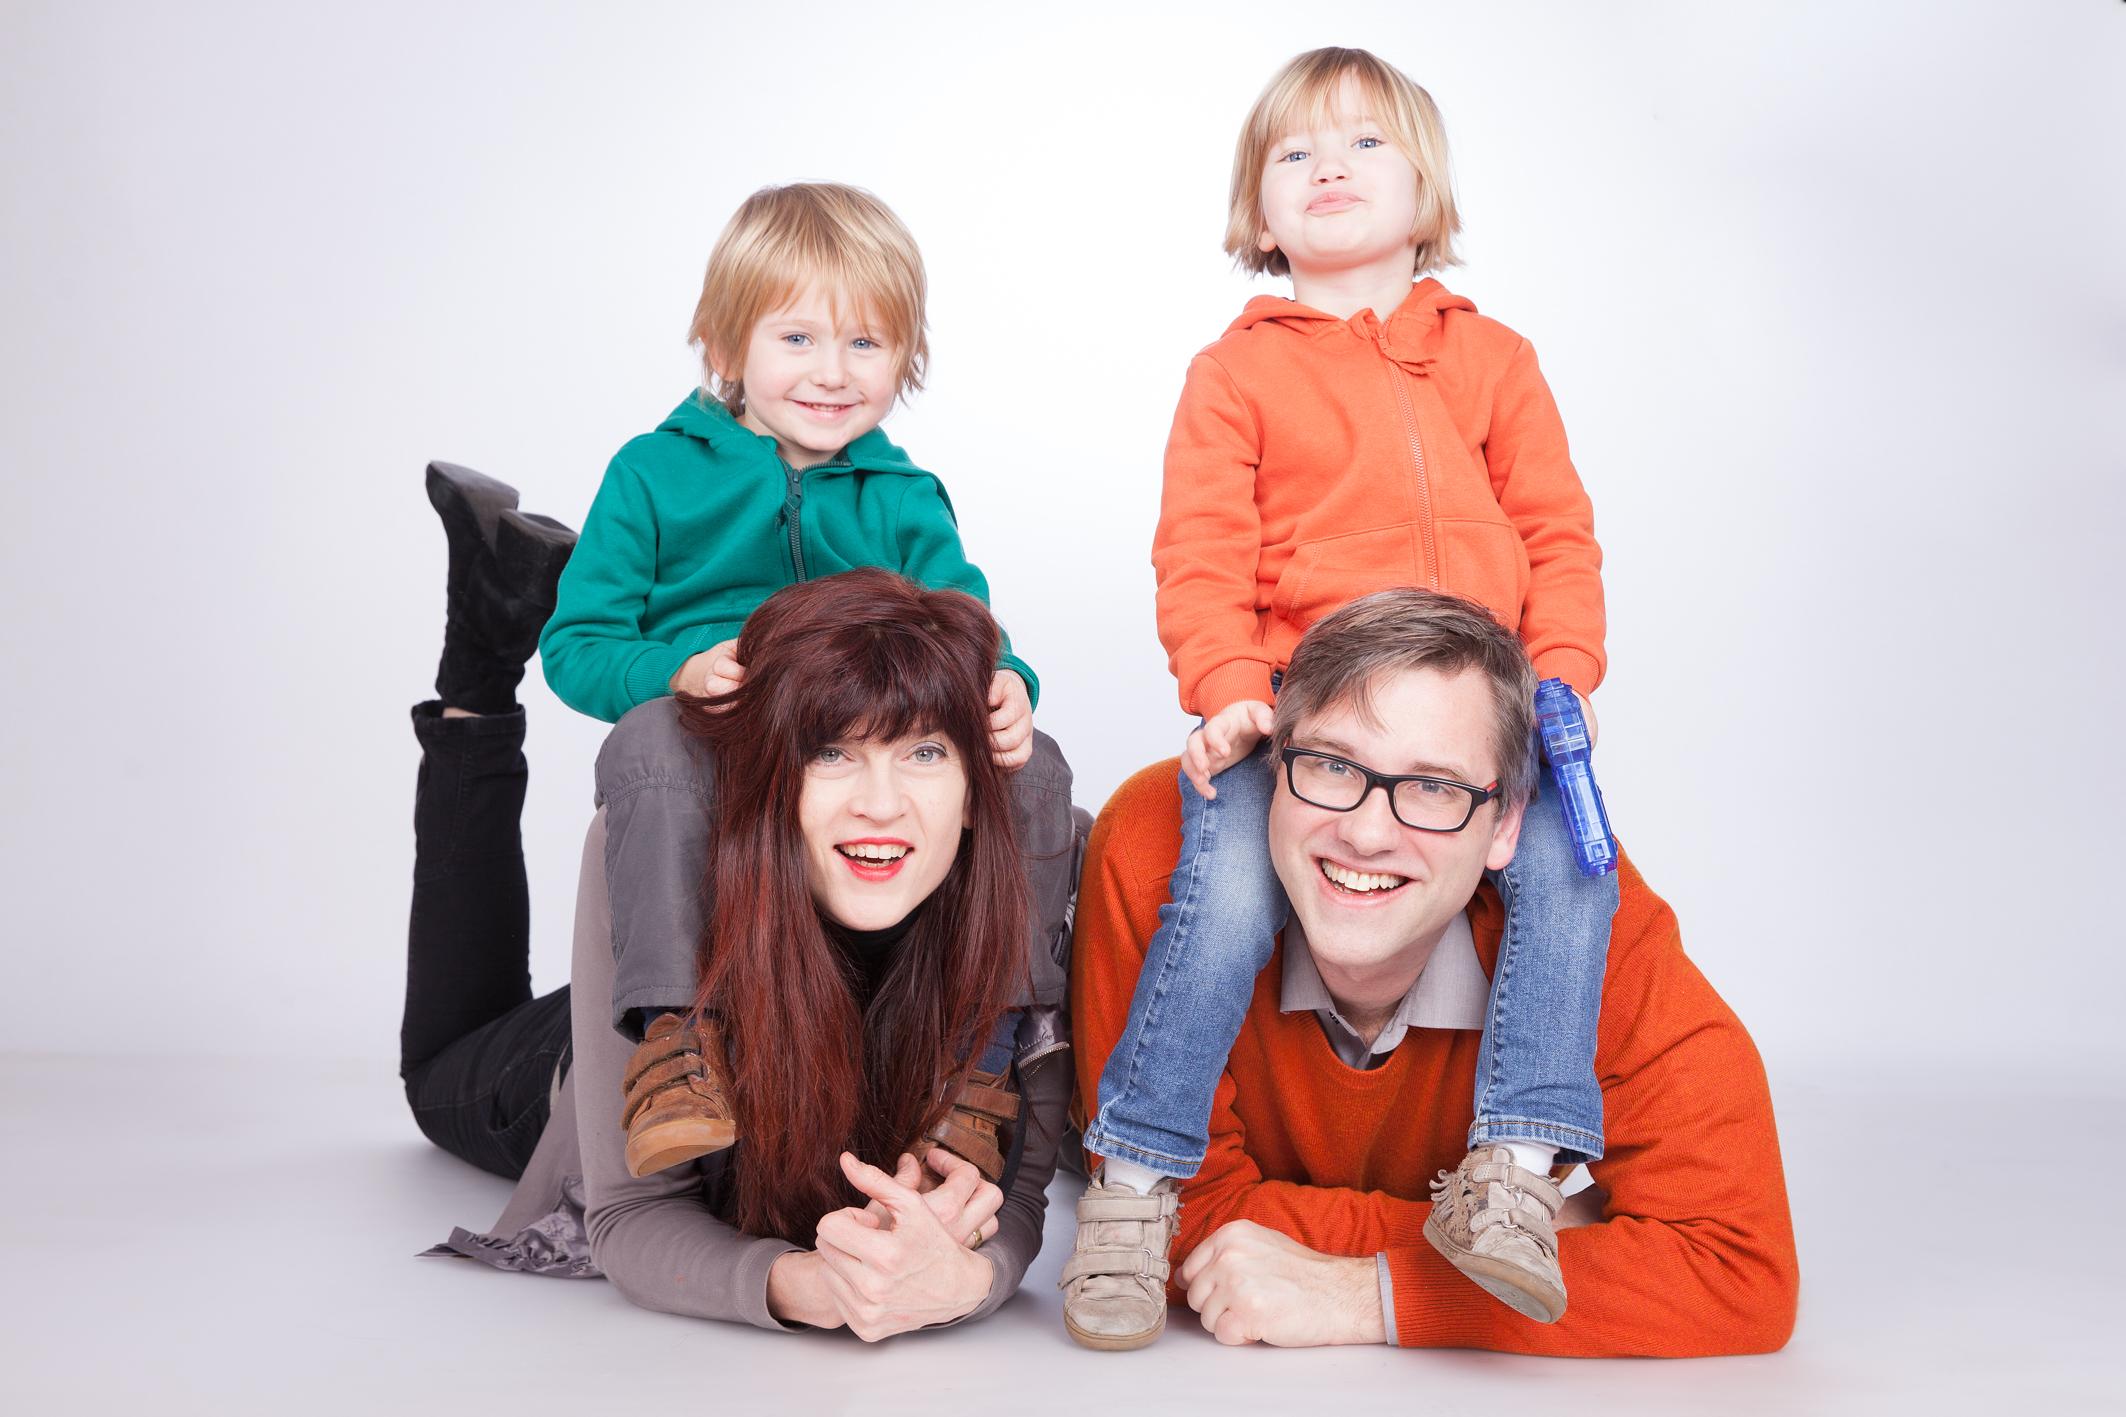 Kinderfotos Familien Fotoshooting Fotostudio Berlin